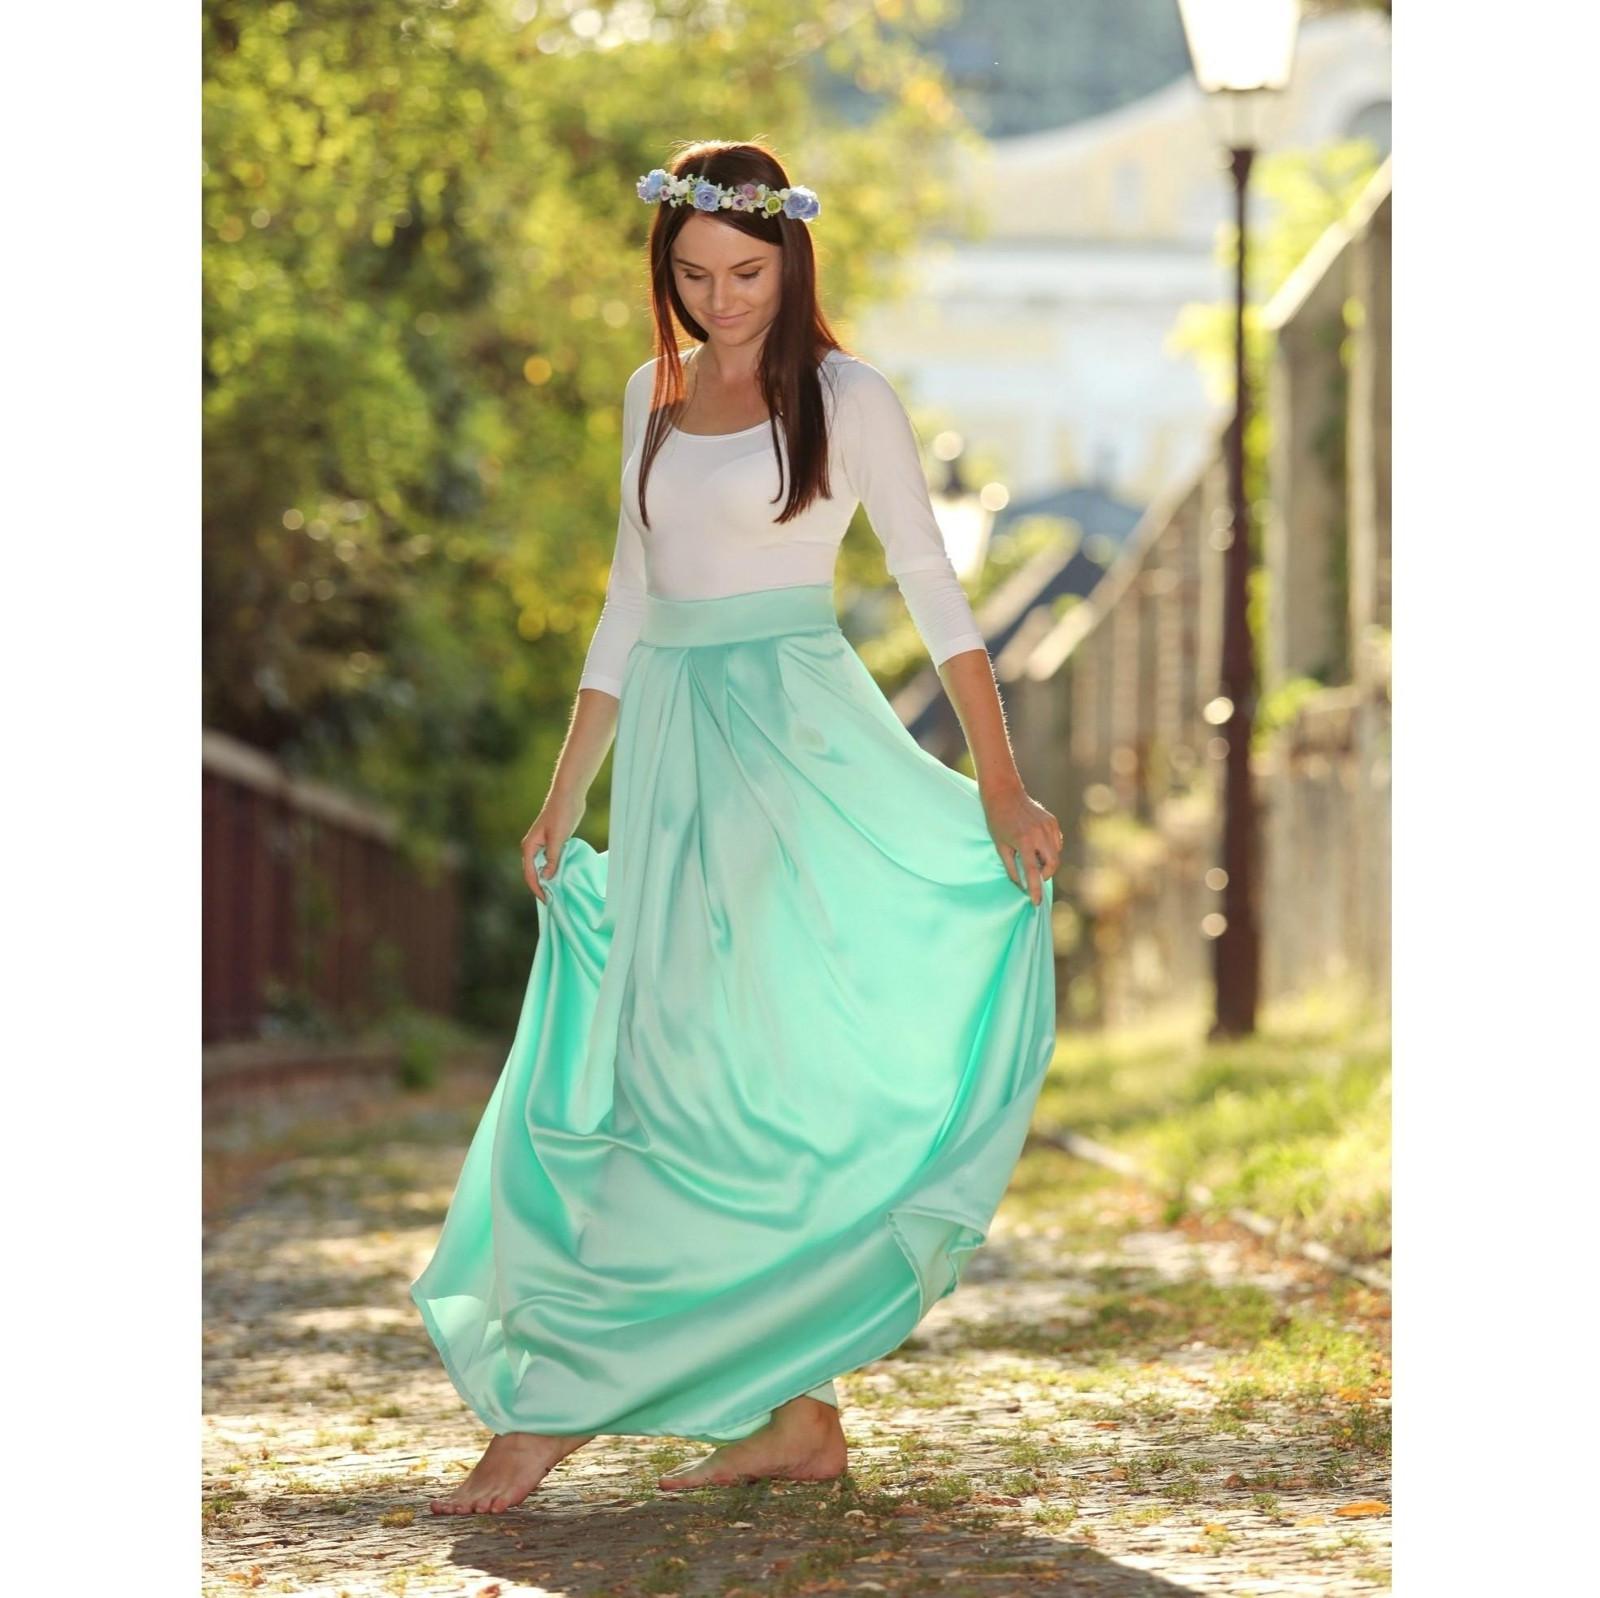 9714295c57c0 Saténová spoločenská sukňa Mint   Zboží prodejce Lally chic